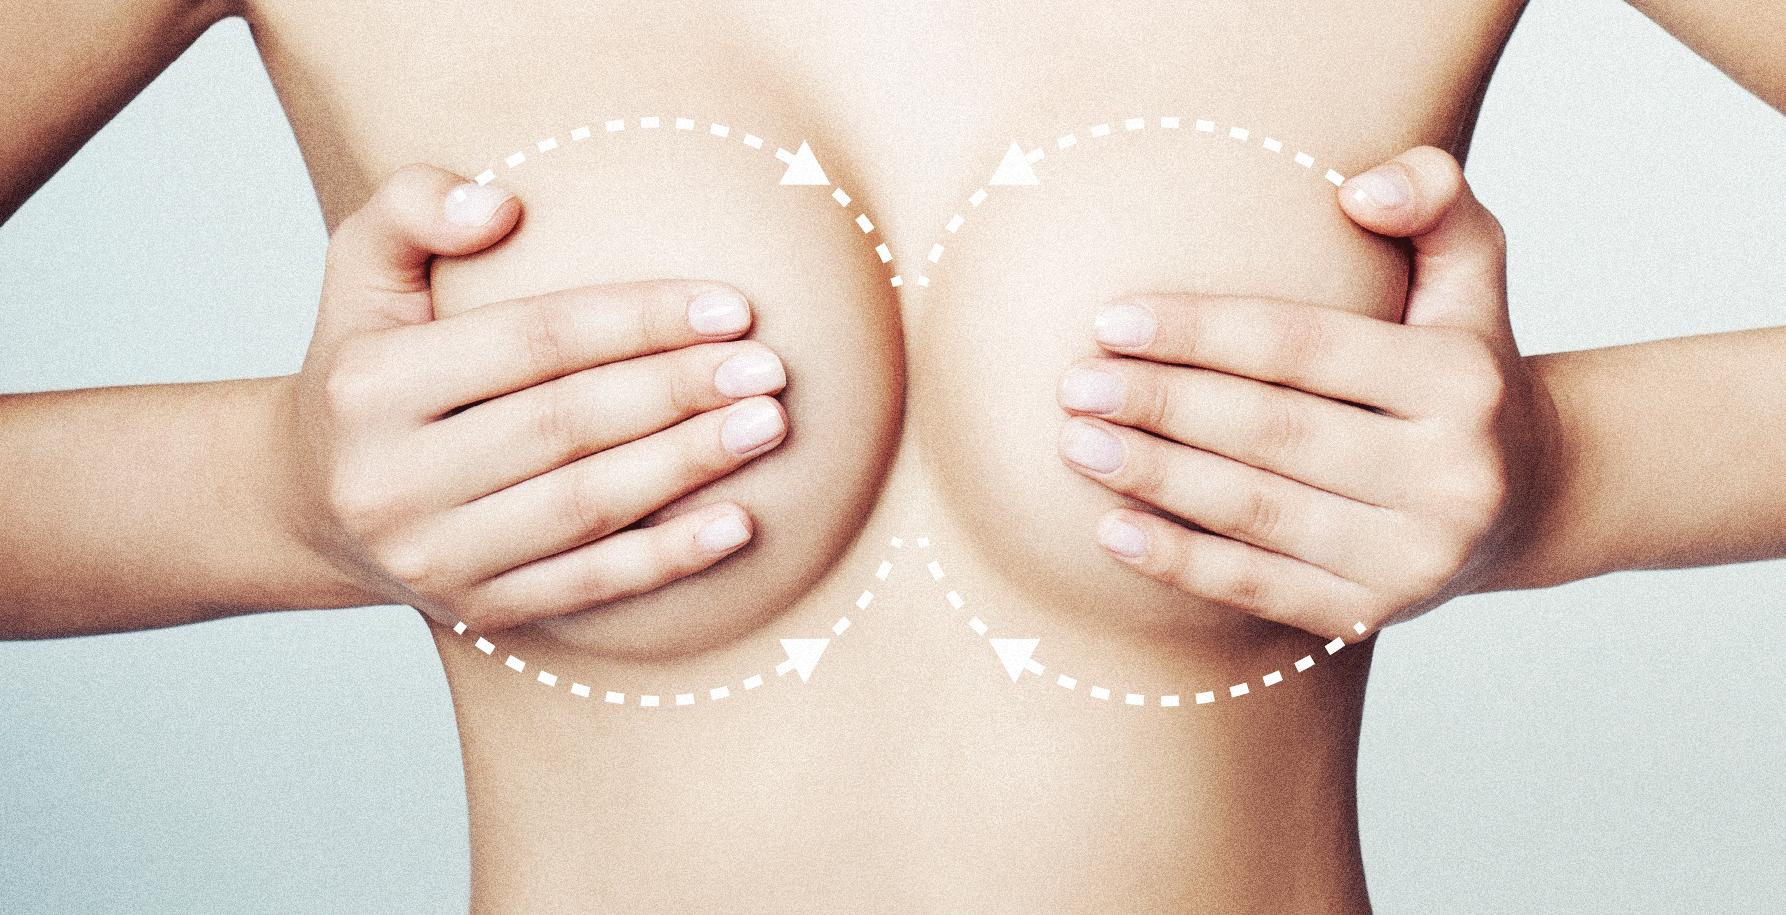 массаж груди при кормлении